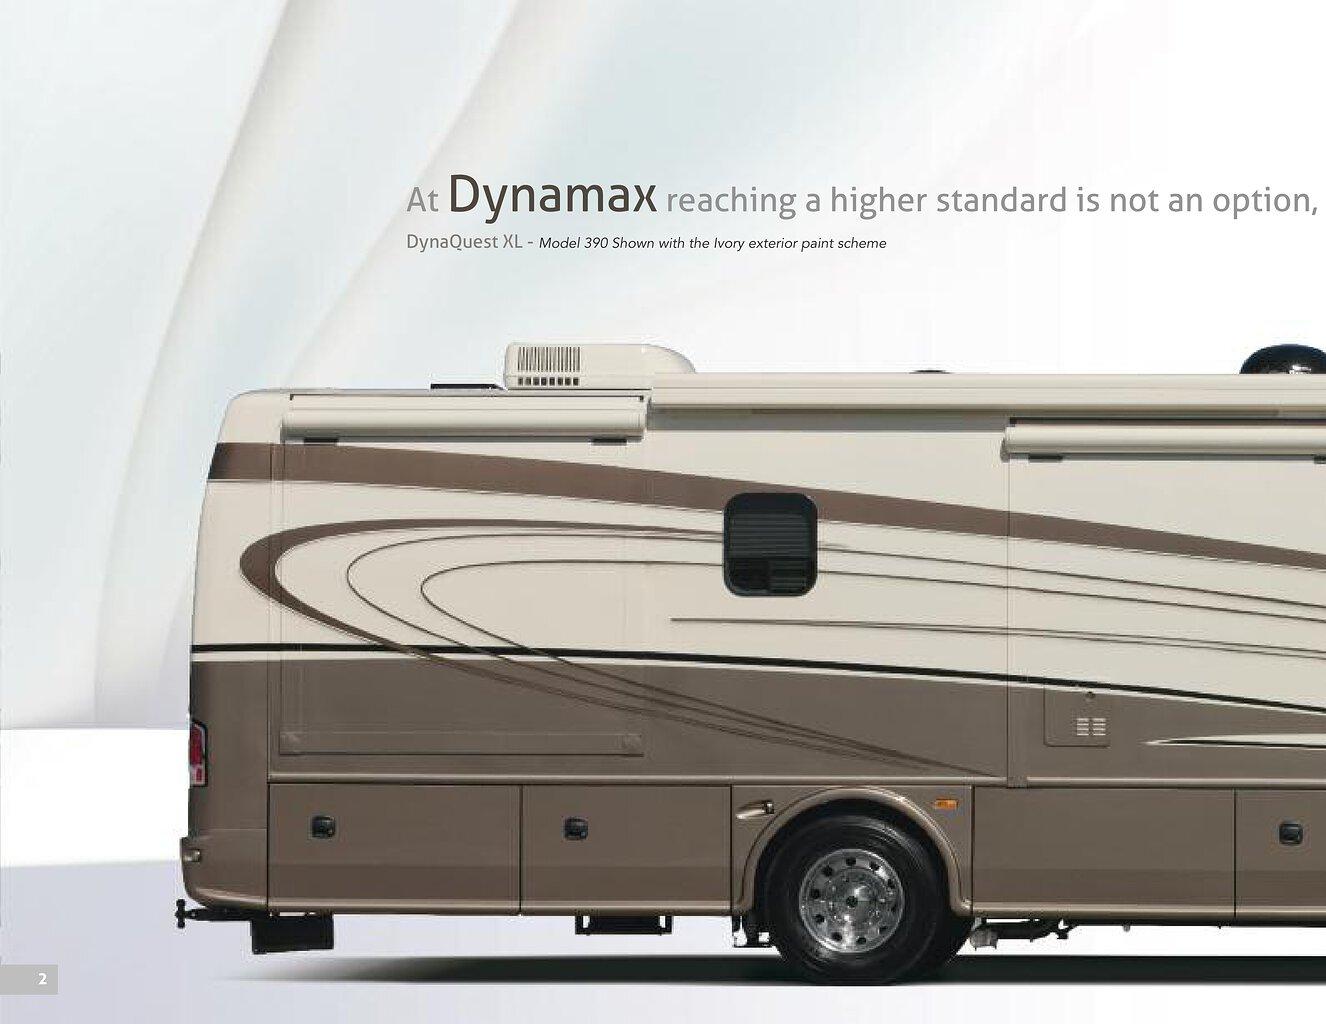 2013 Dynamax Dynaquest Xl Brochure   Download RV brochures